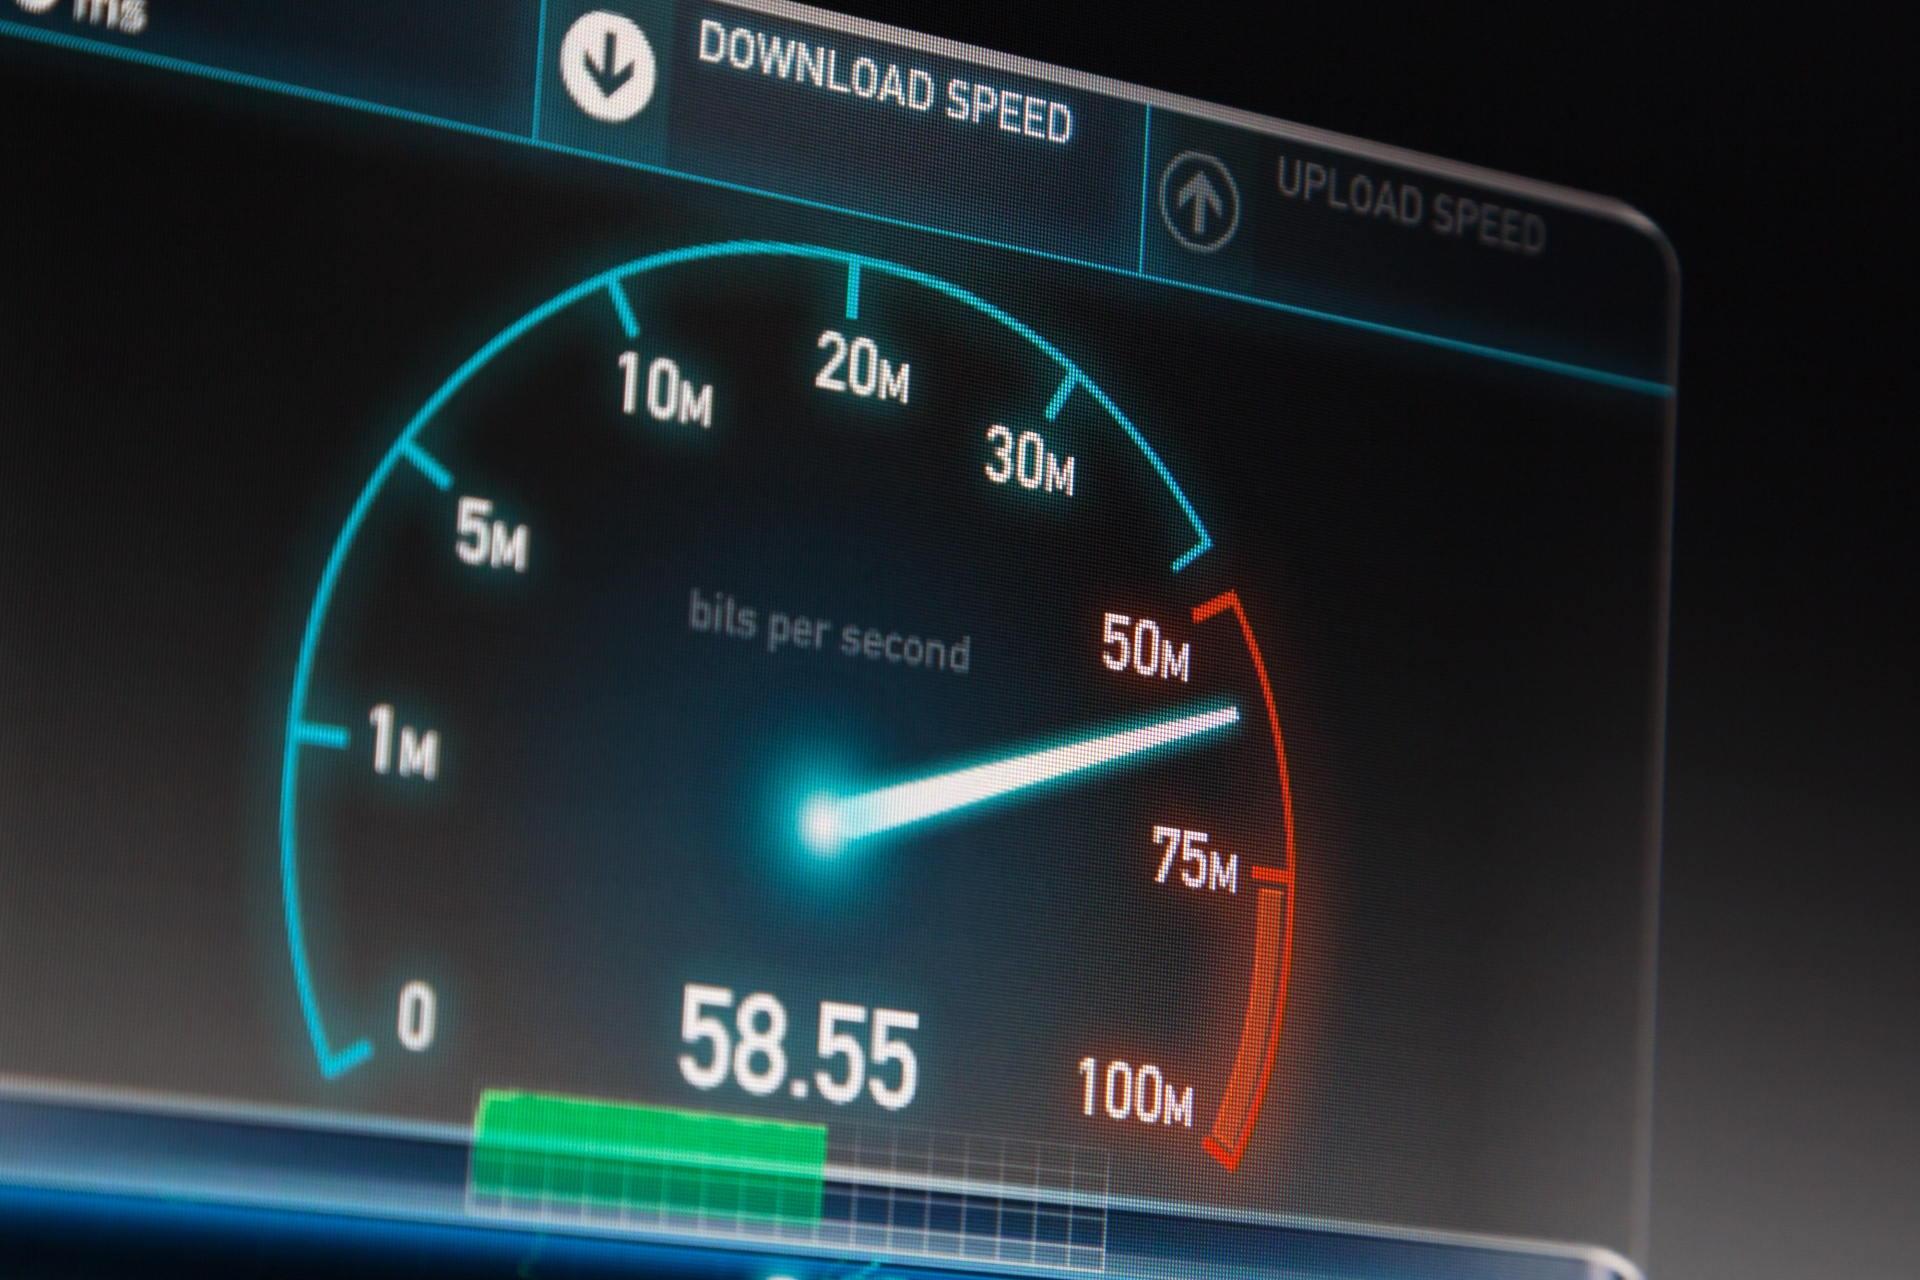 Le VPN peut-il augmenter votre vitesse Internet?